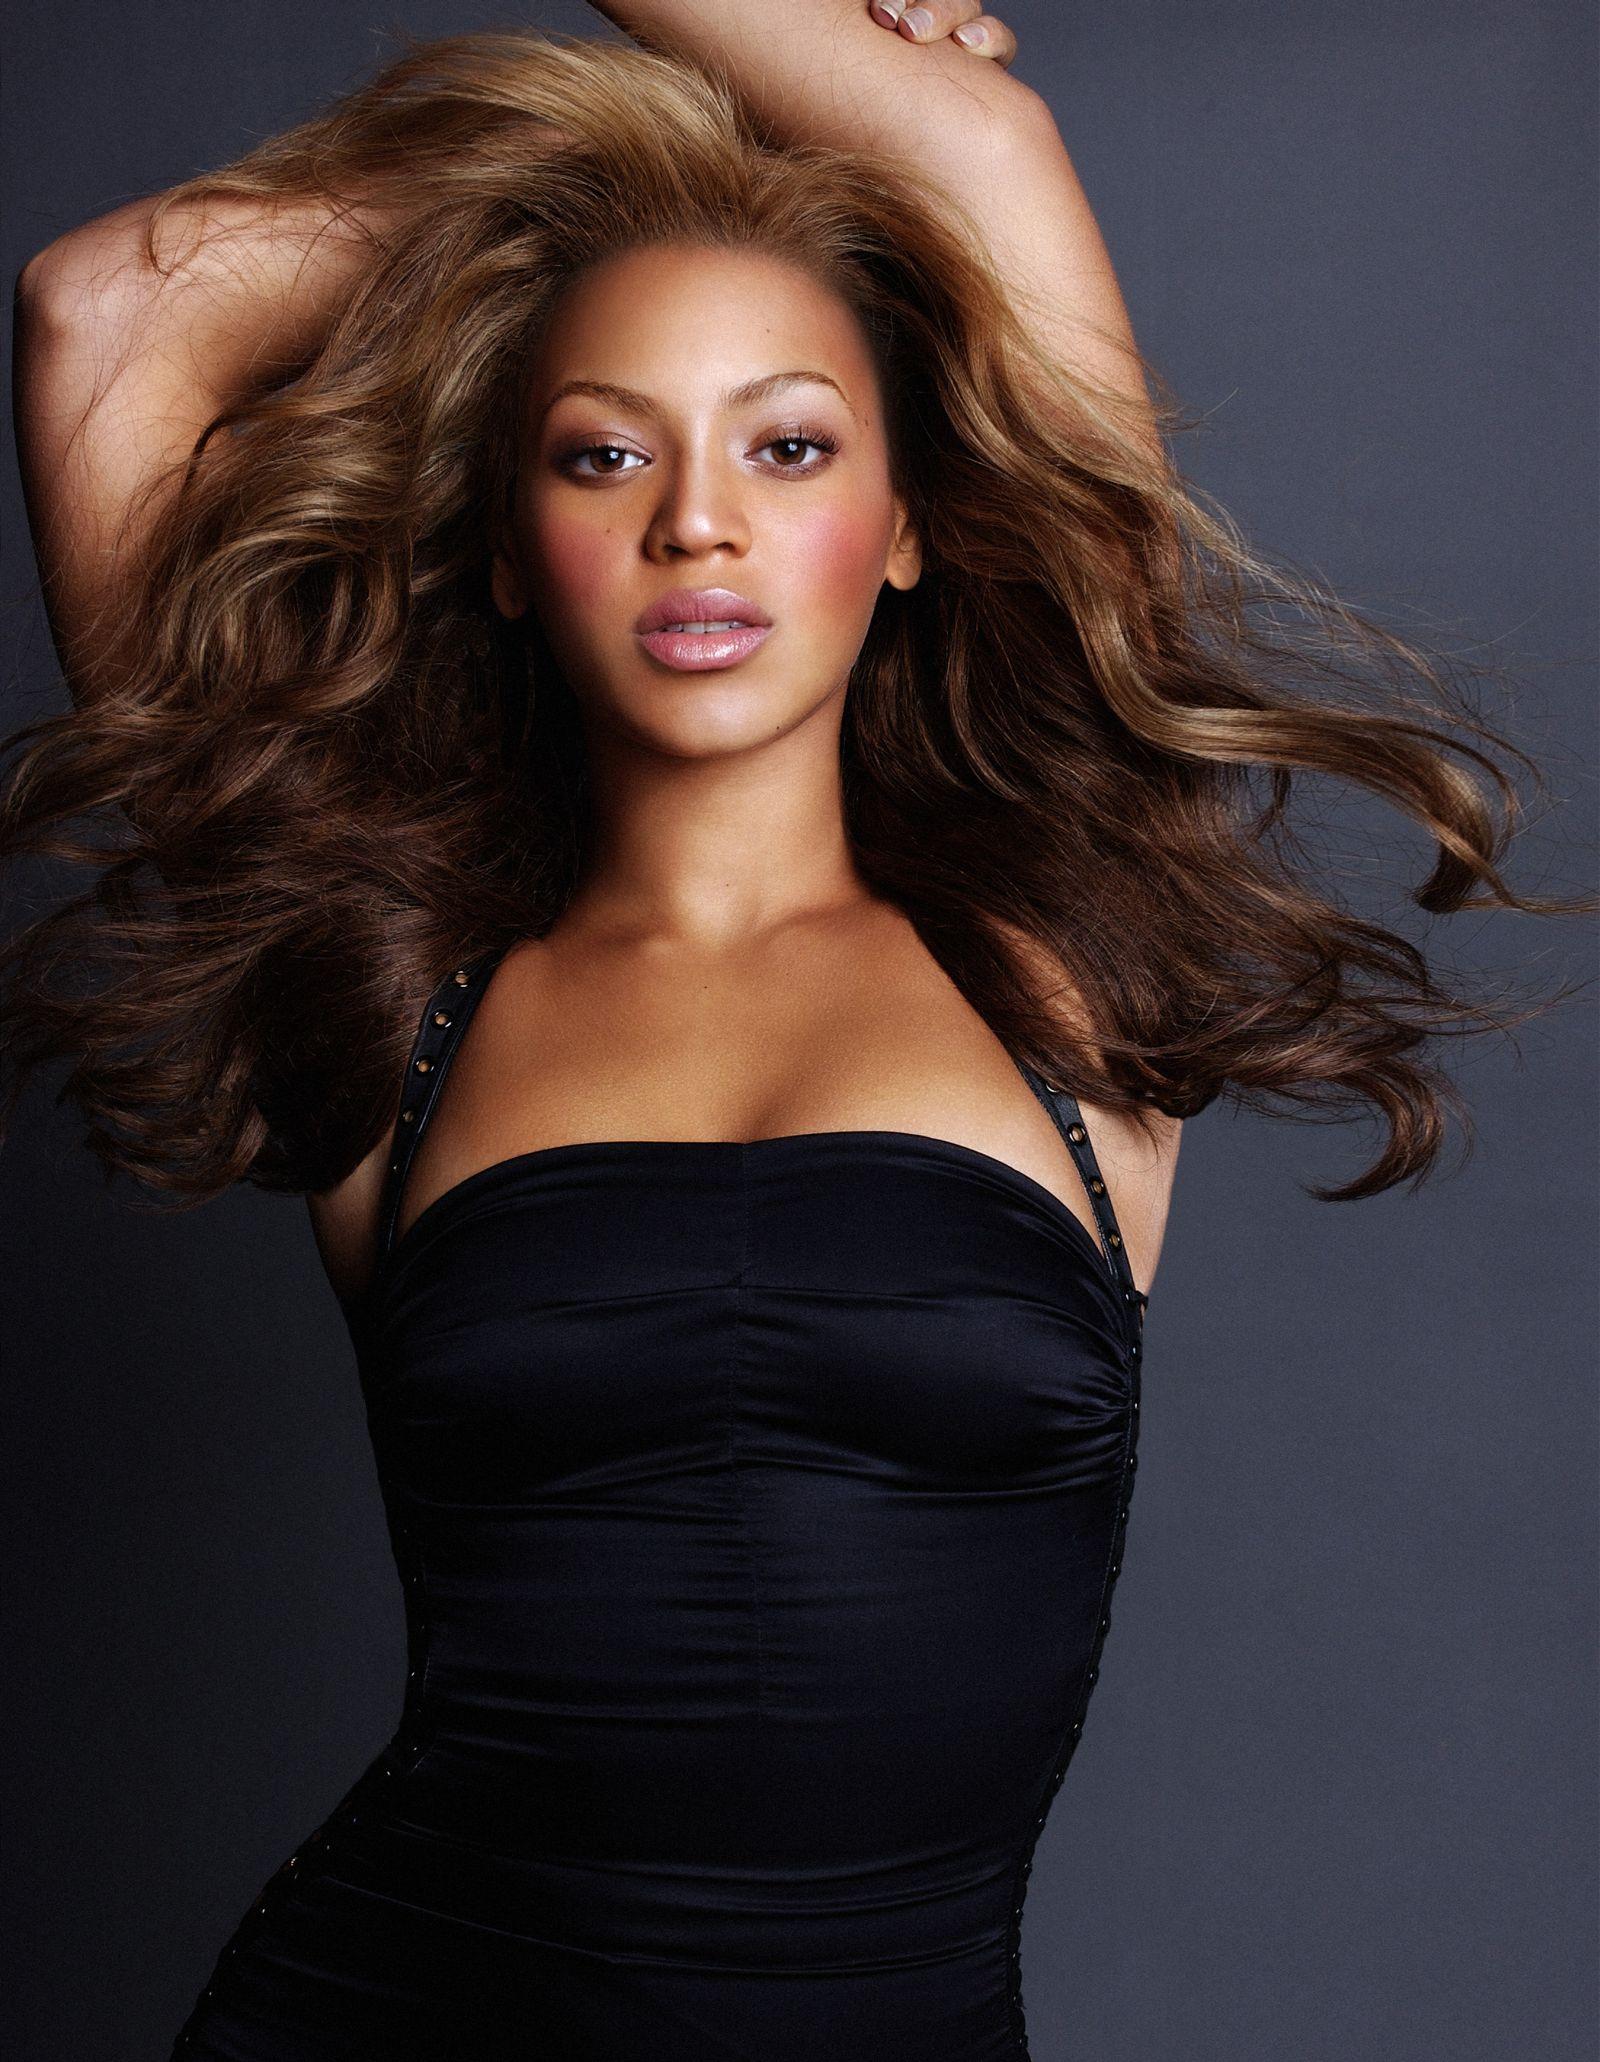 Обои Beyonce Knowles ( Бейонсе Ноулз ) - Знаменитости Фото 85534.